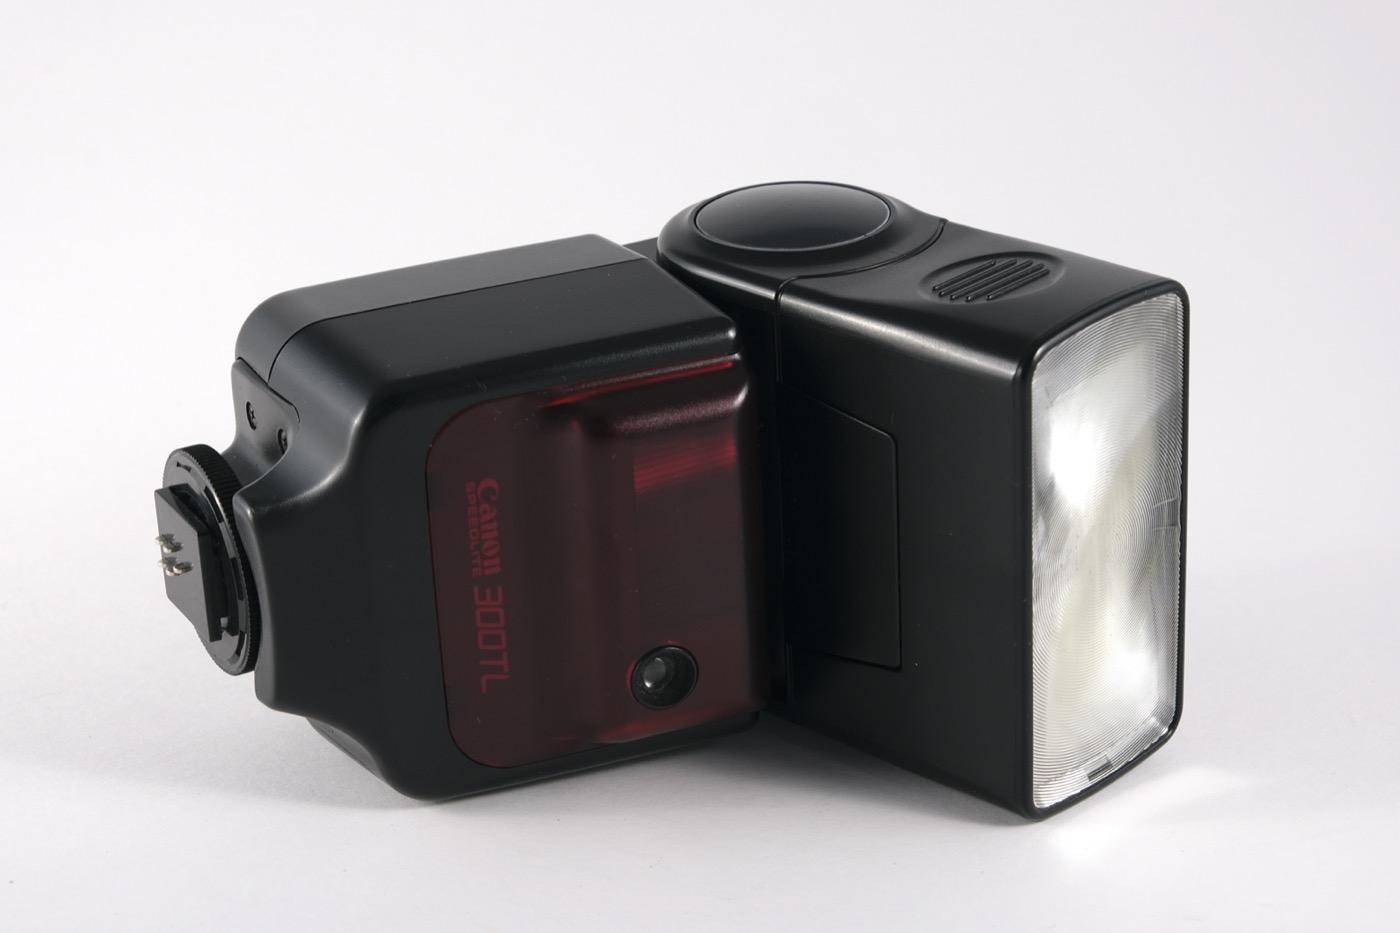 Canon 300TL flash